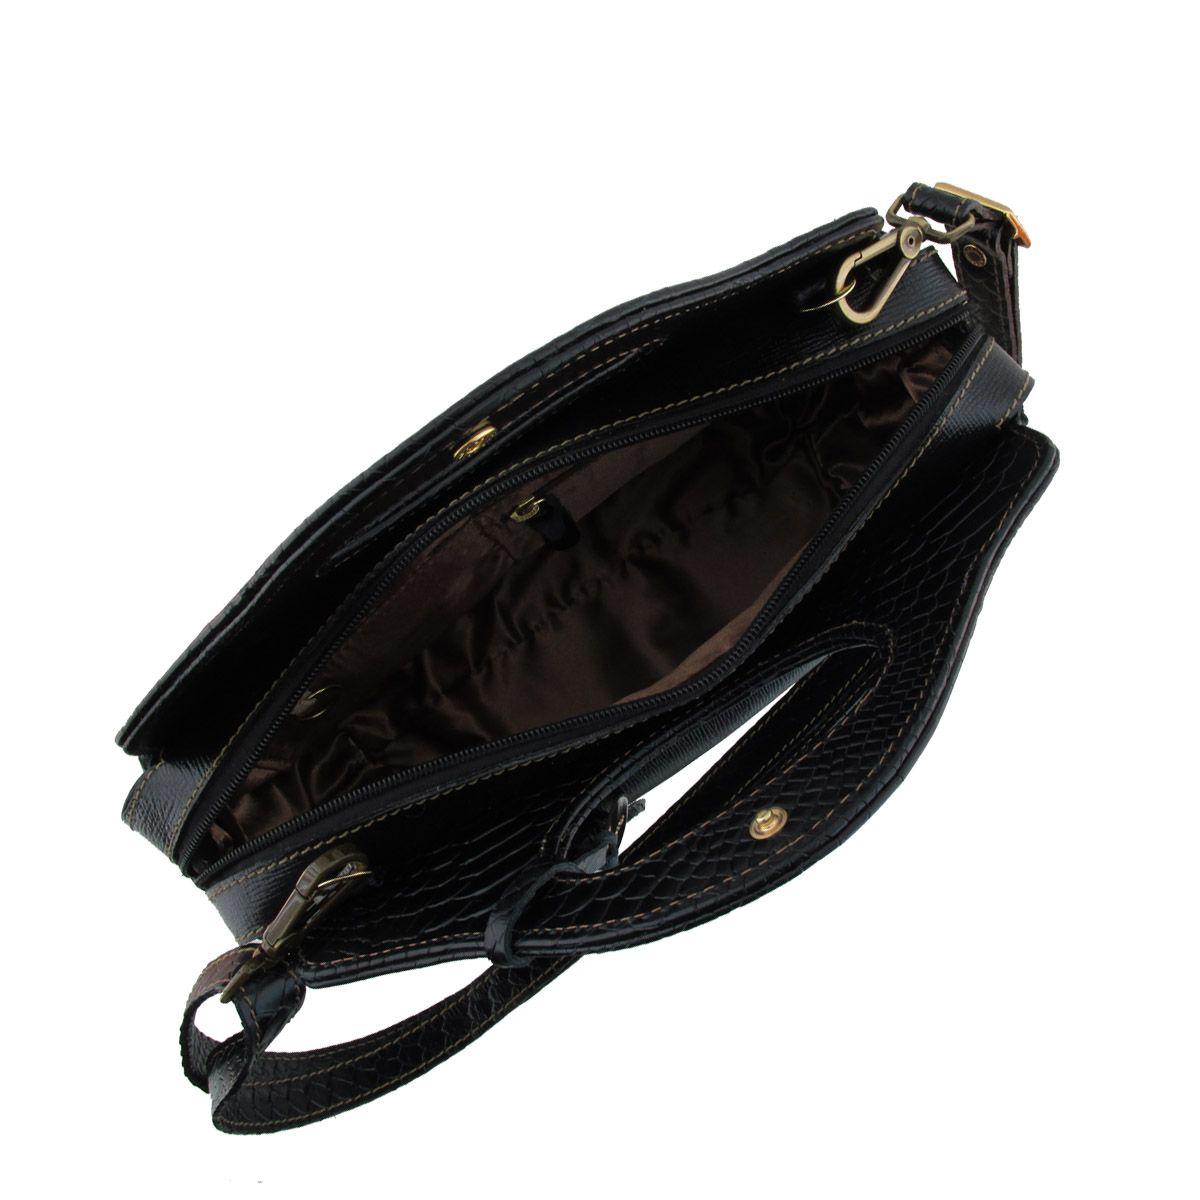 Bolsa De Mao Com Pedraria : Bolsa couro de m?o black